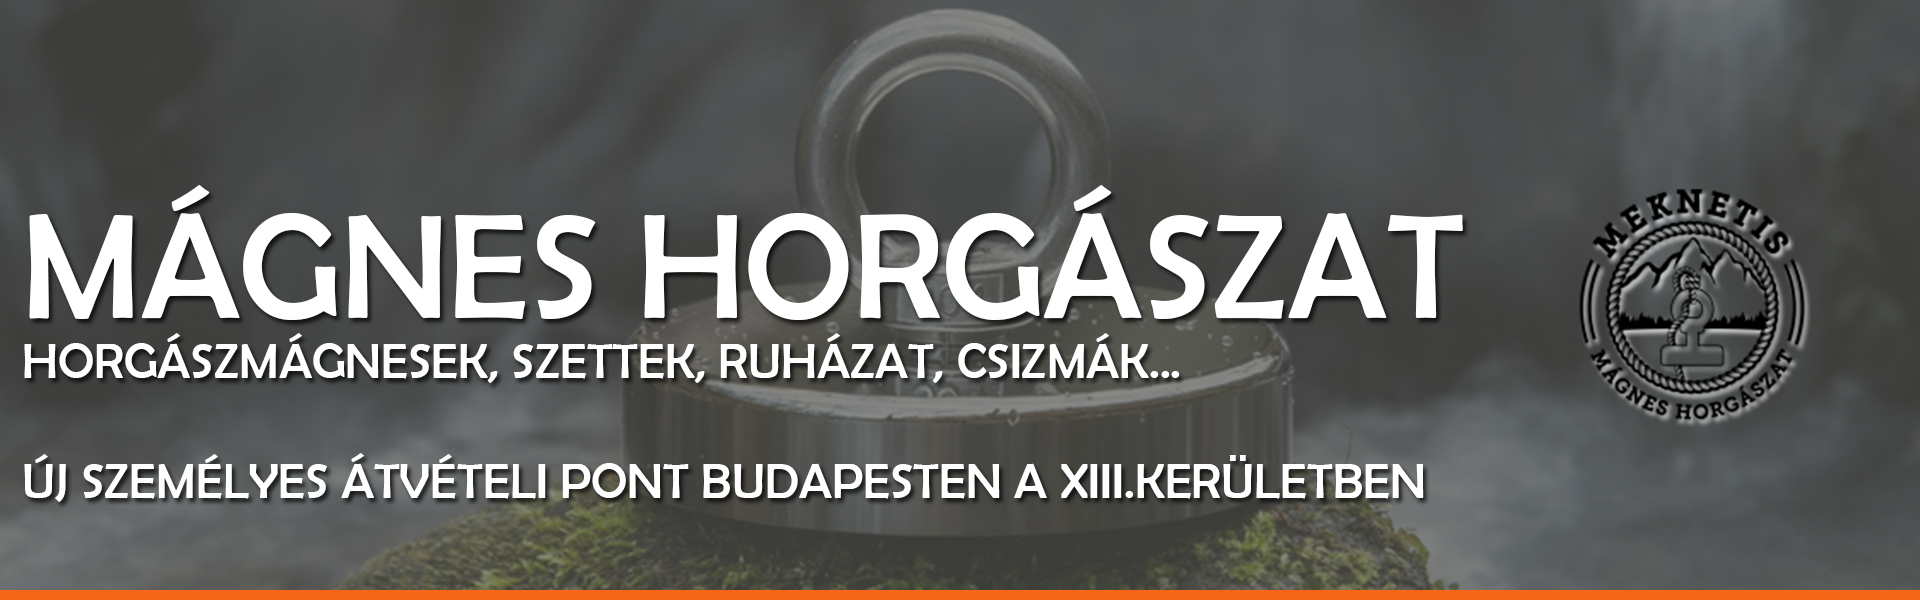 MÁGNES HORGÁSZAT